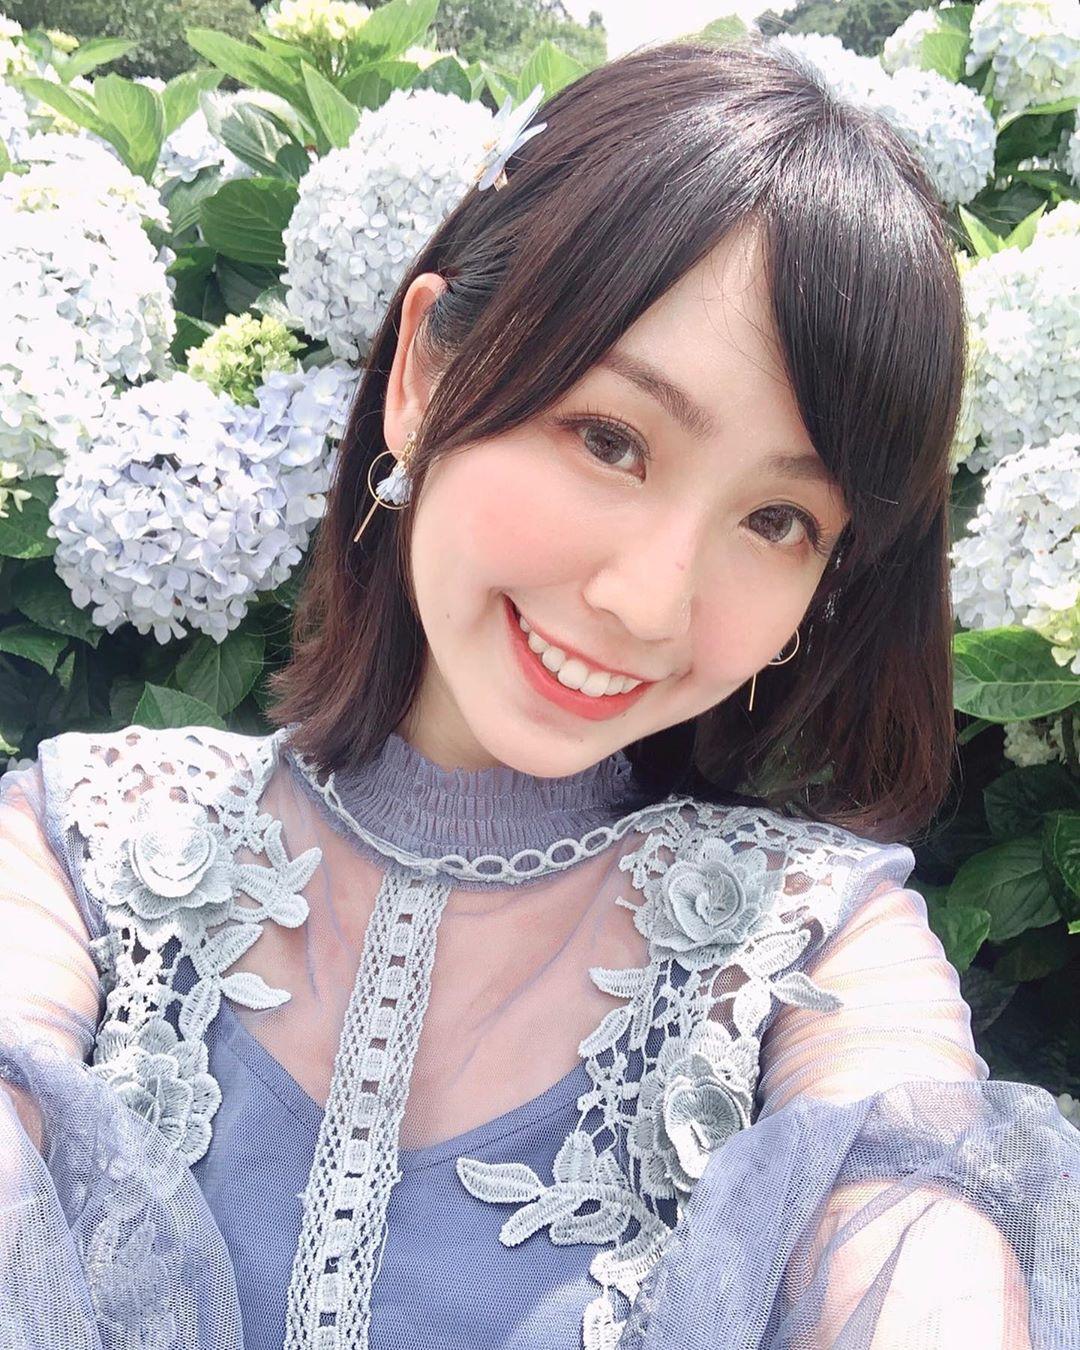 台版新垣结衣「希希CC」迷人又甜美的JKF女郎,太吸睛了!插图11